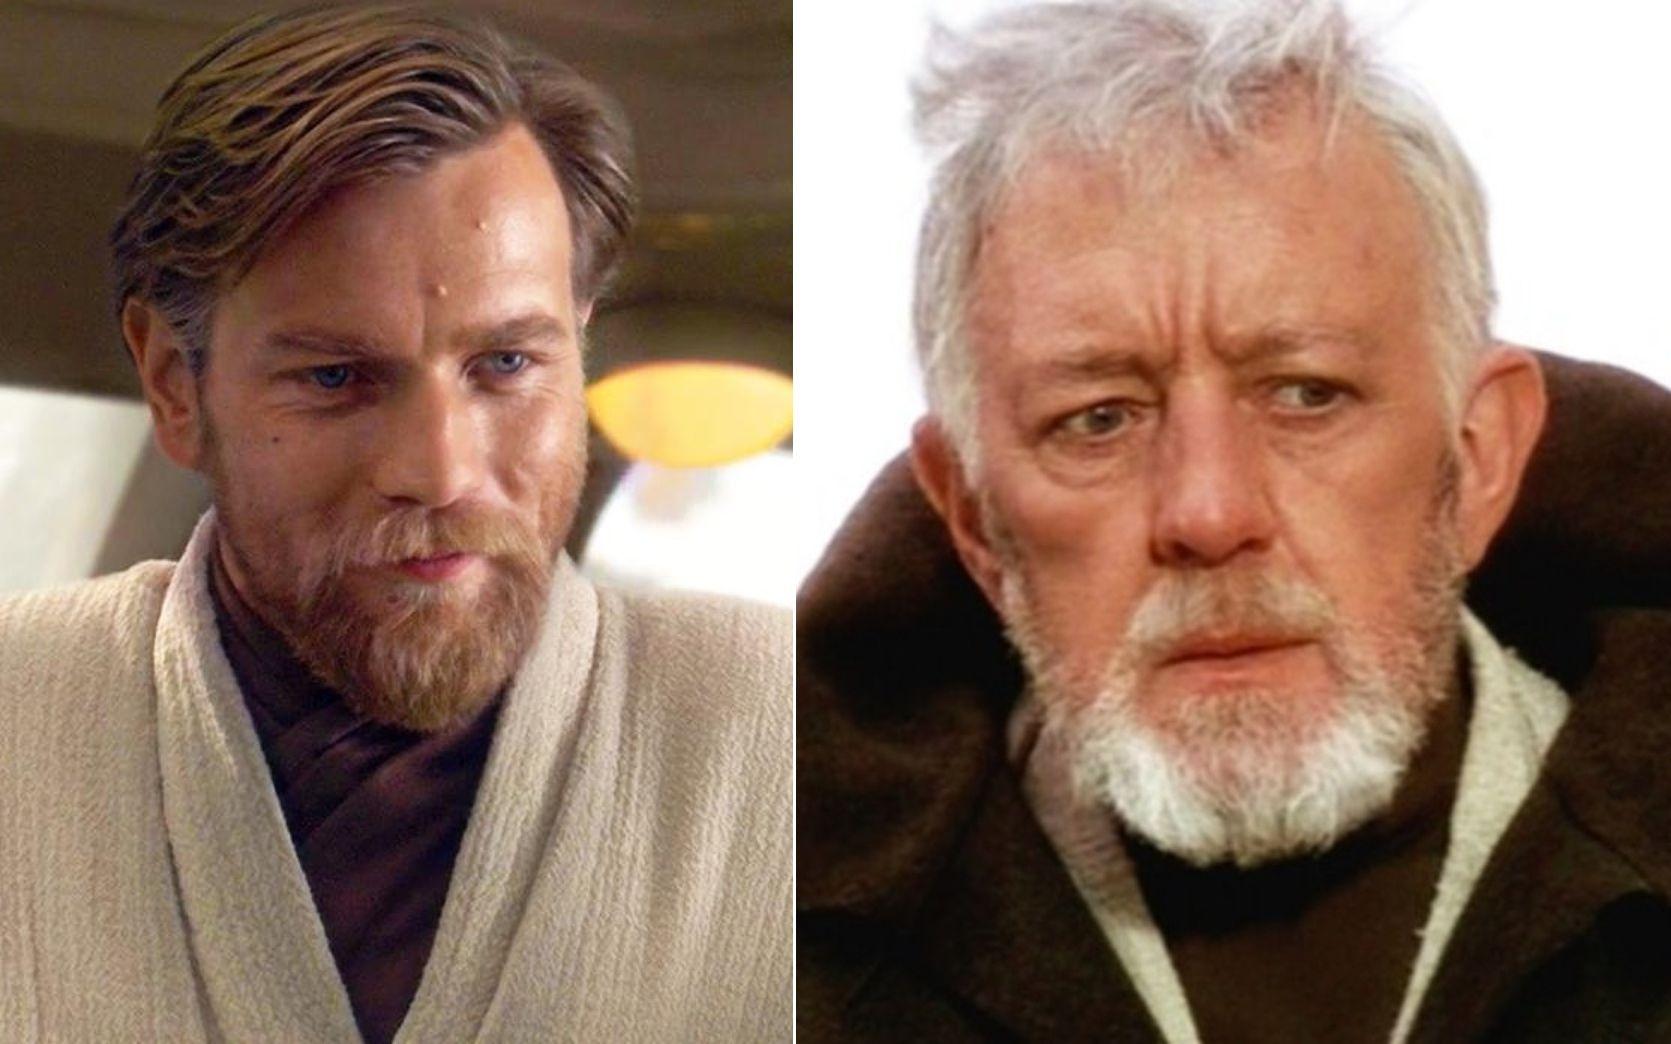 obi comparison